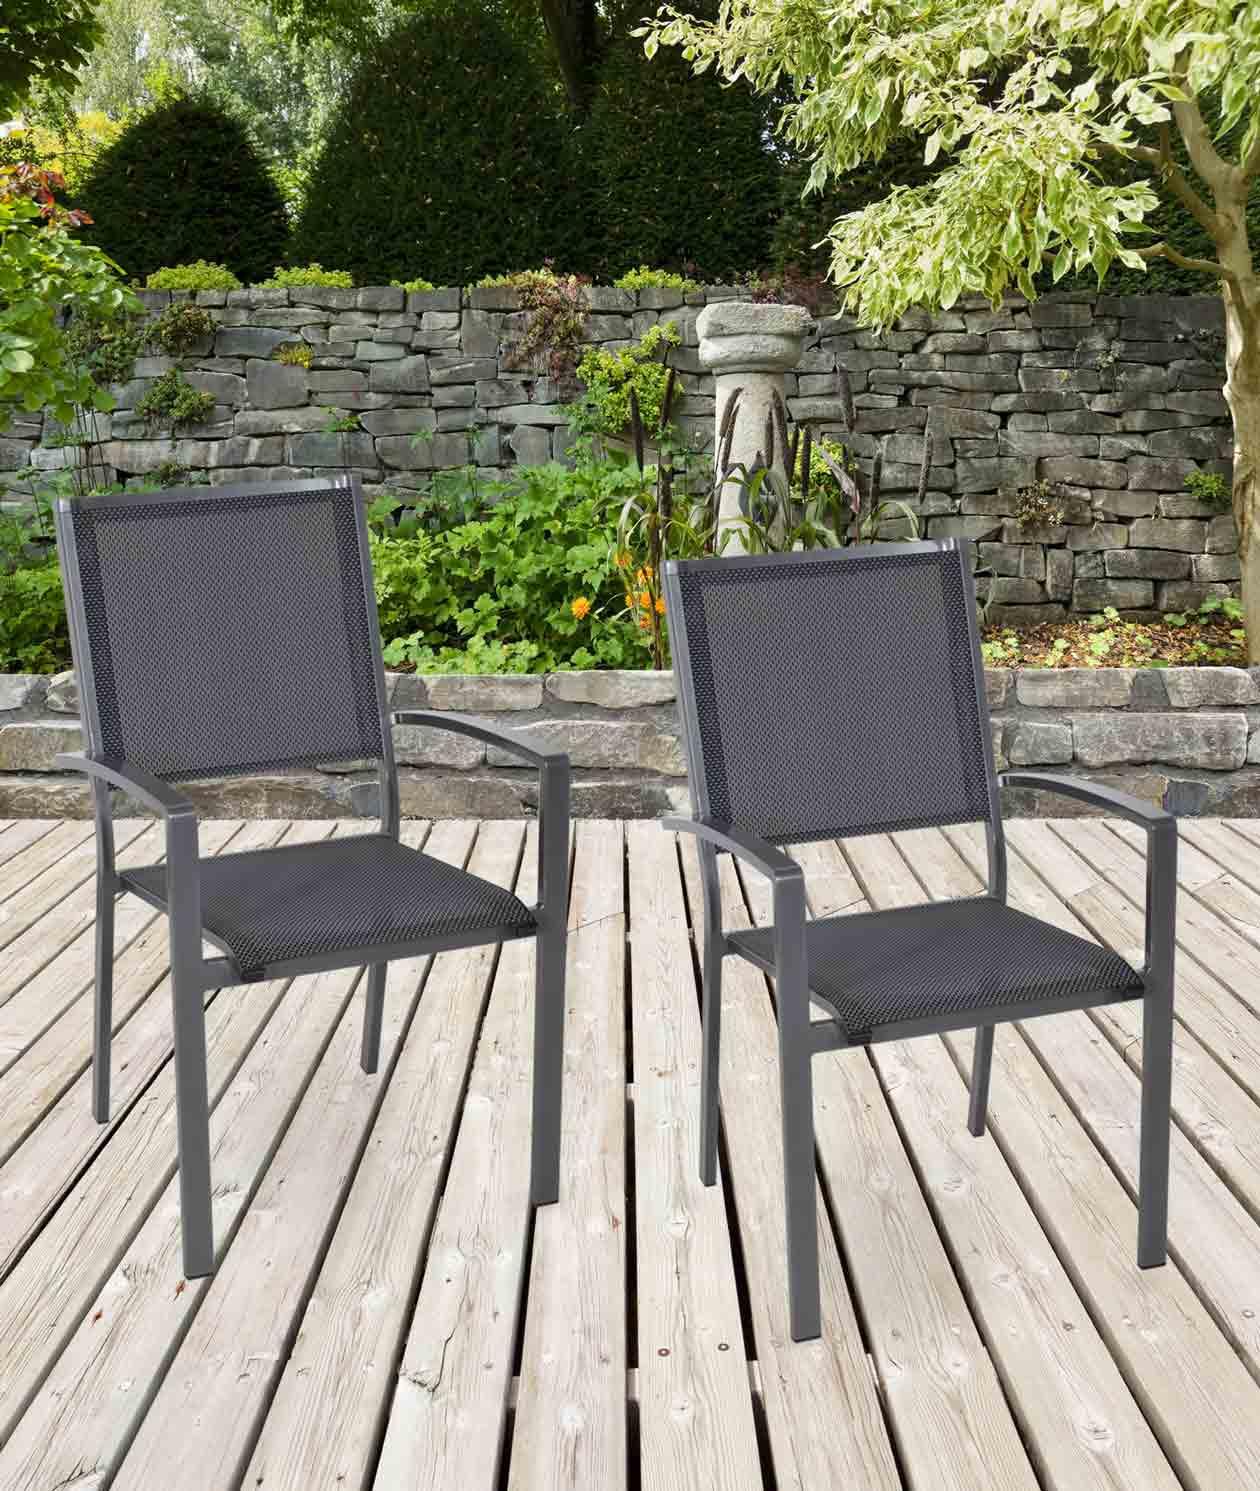 Lifestyle4Living Gartenstühle mit Textylenbezug in anthrazit und einem Gestell aus Aluminium in anthrazit, 2er-Set, Maße: B/H/T ca. 55,5/94/64,5 cm